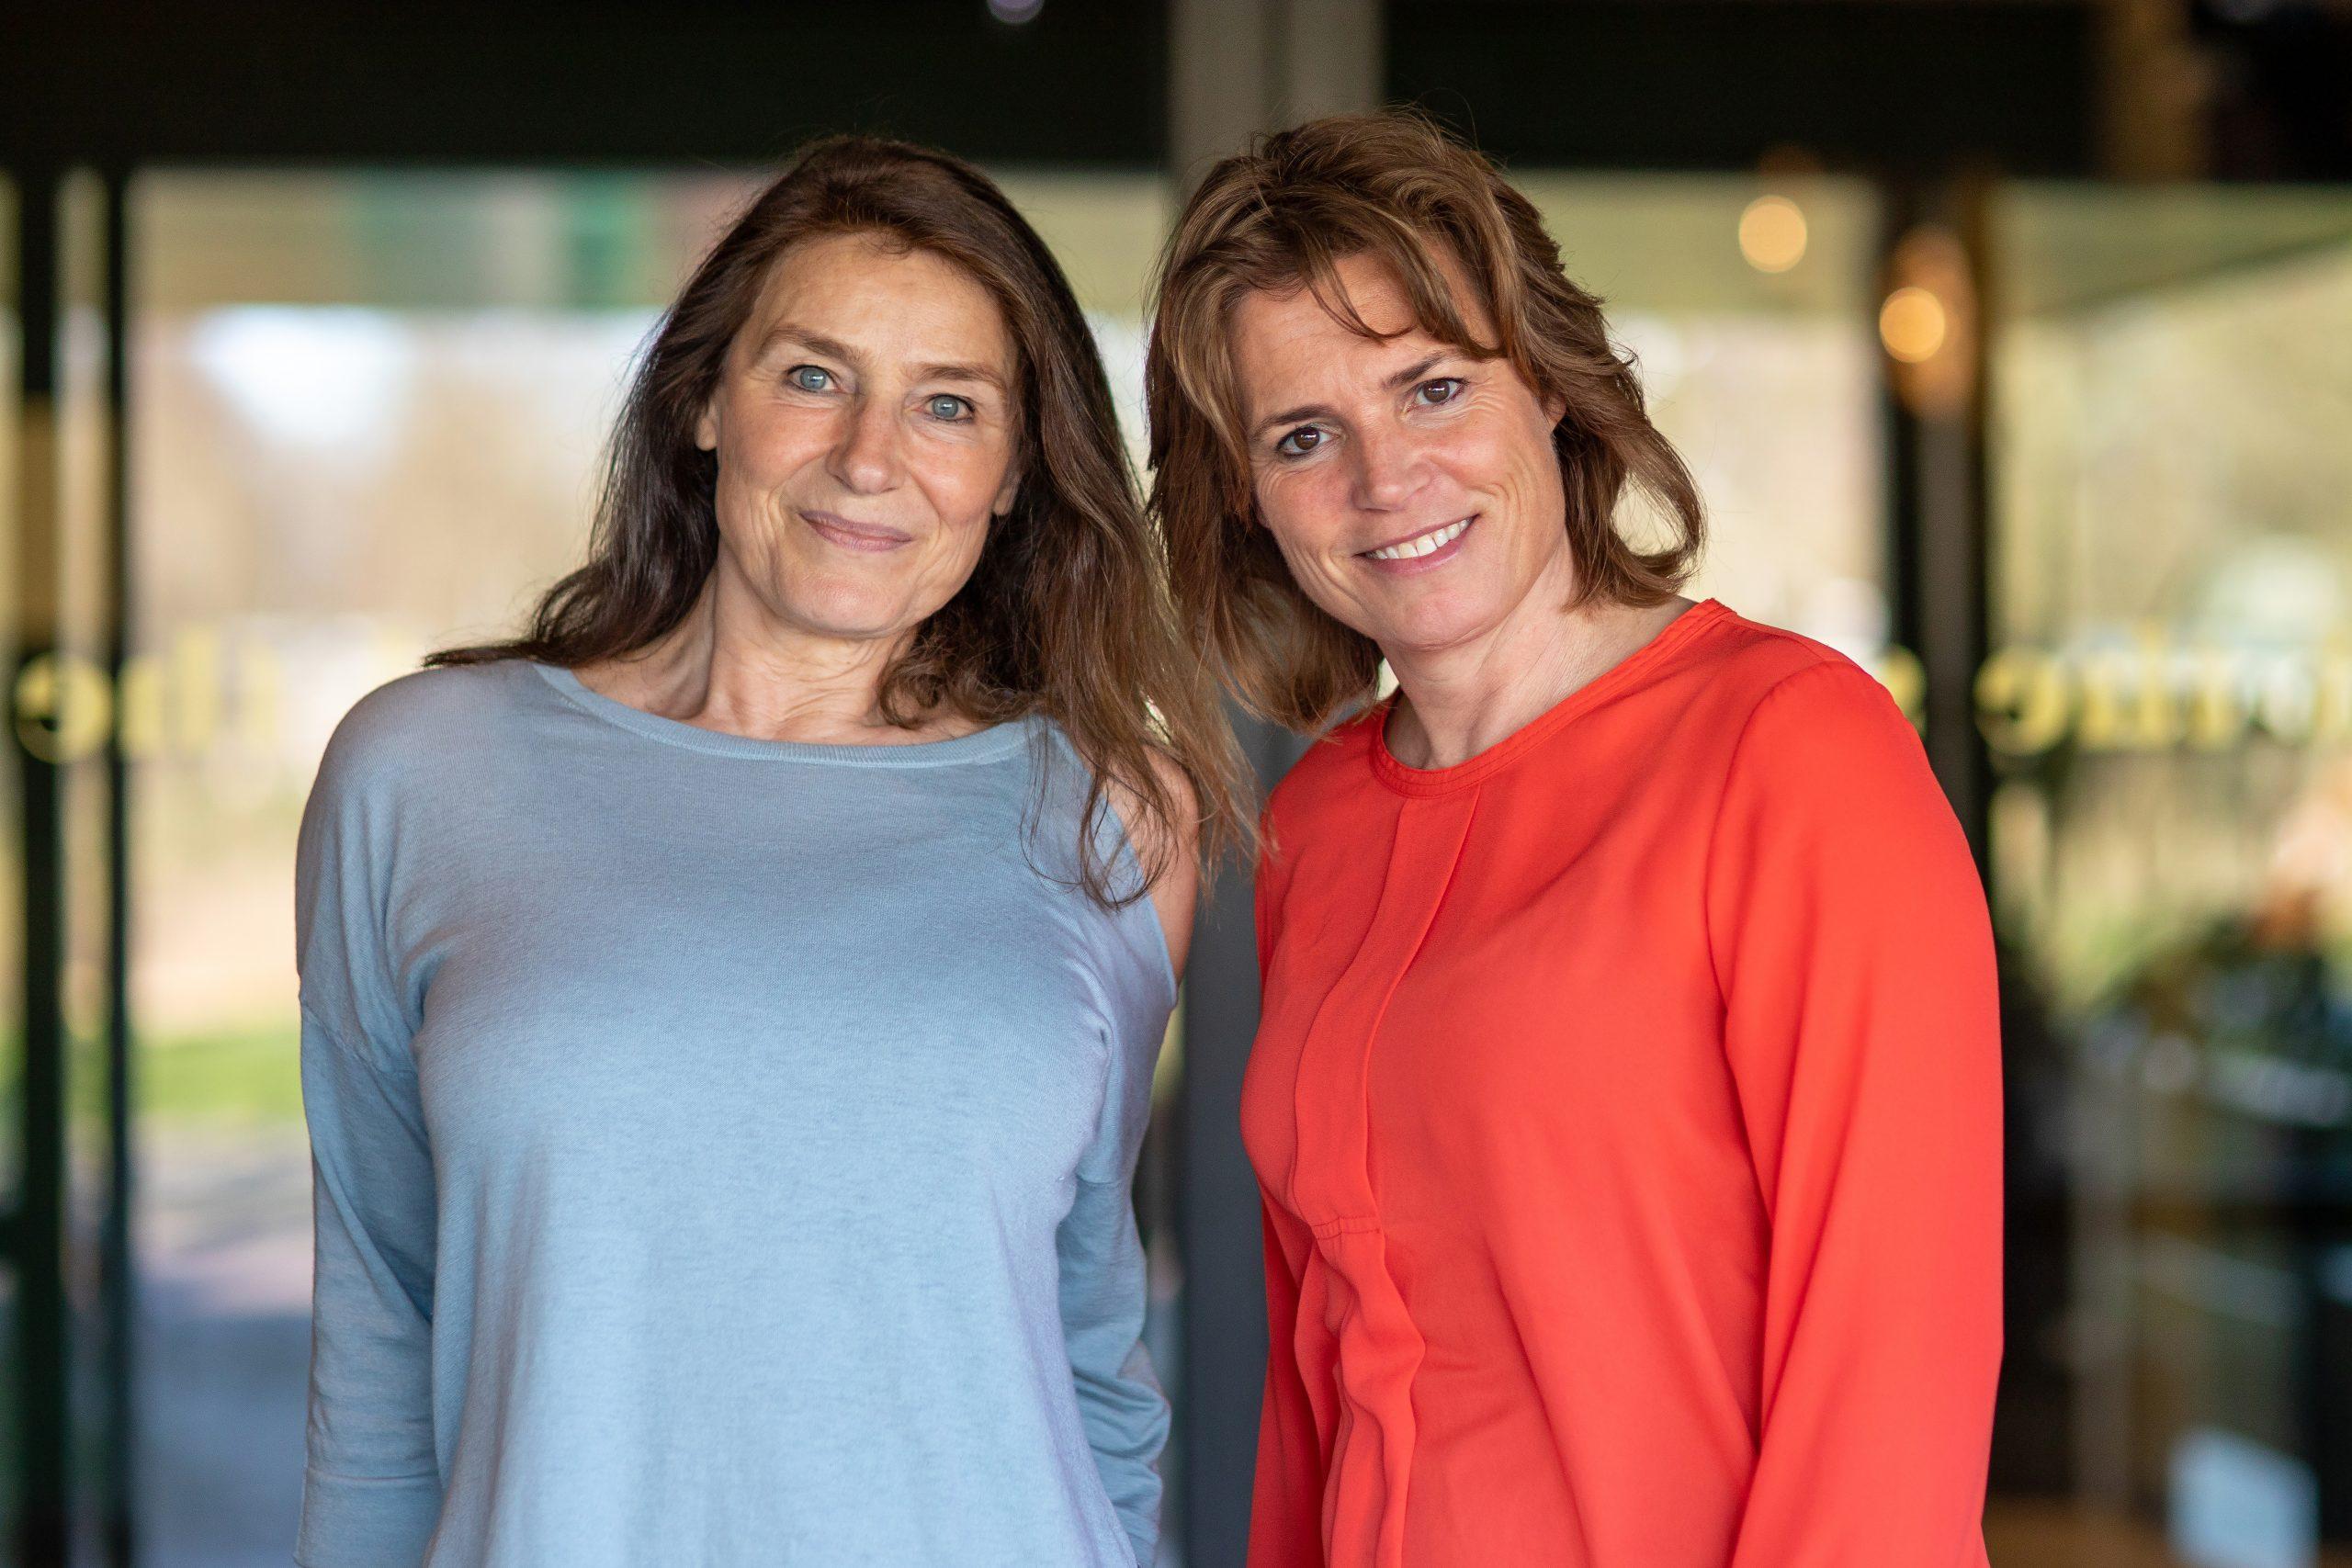 rainers in creatief leiderschap Klara Uleman & Mascha van Wijnen